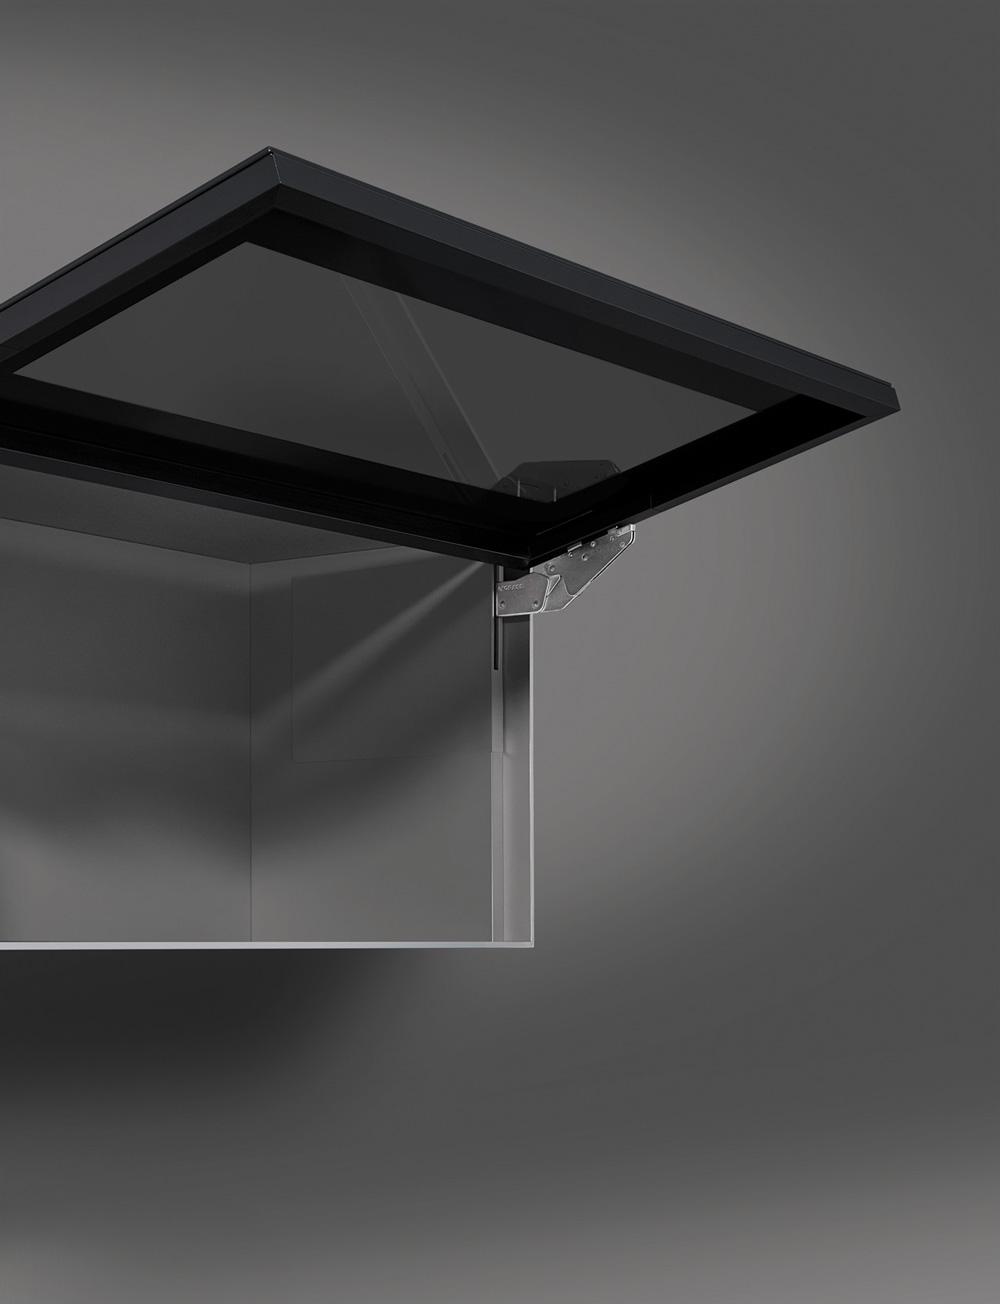 Подъемник Kinvaro T-Slim для фасада из алюм. рамки, КМ 1000-2250, с плавным закрыванием, графит